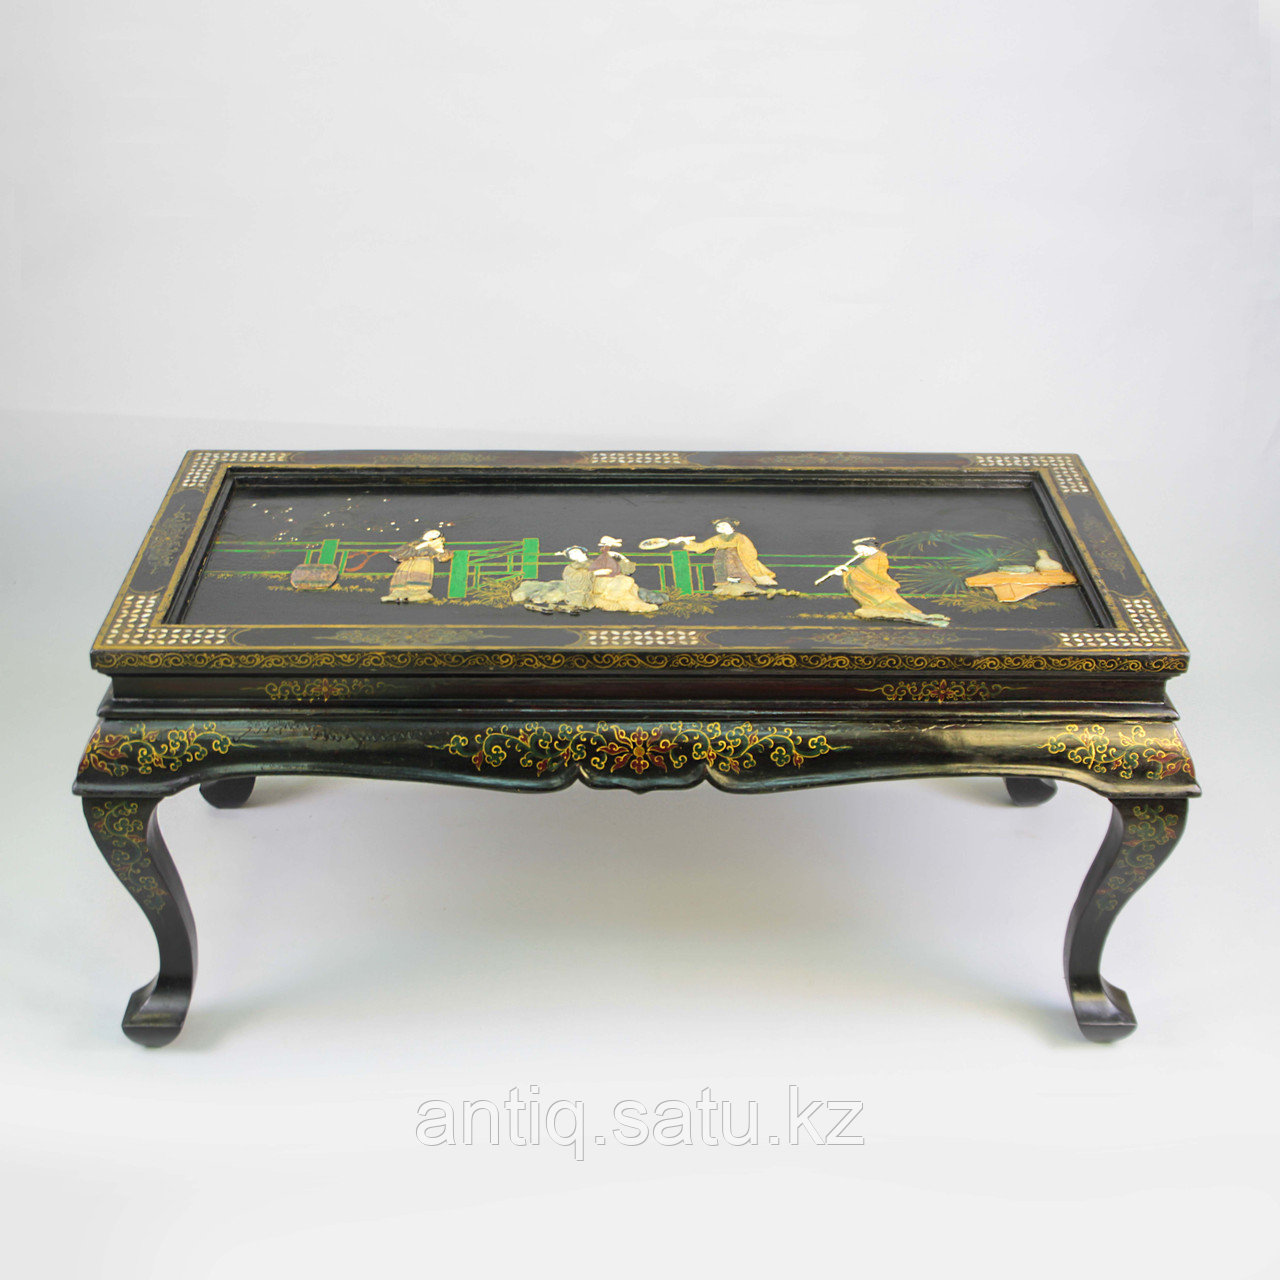 Китайский столик в классическом стиле - фото 2